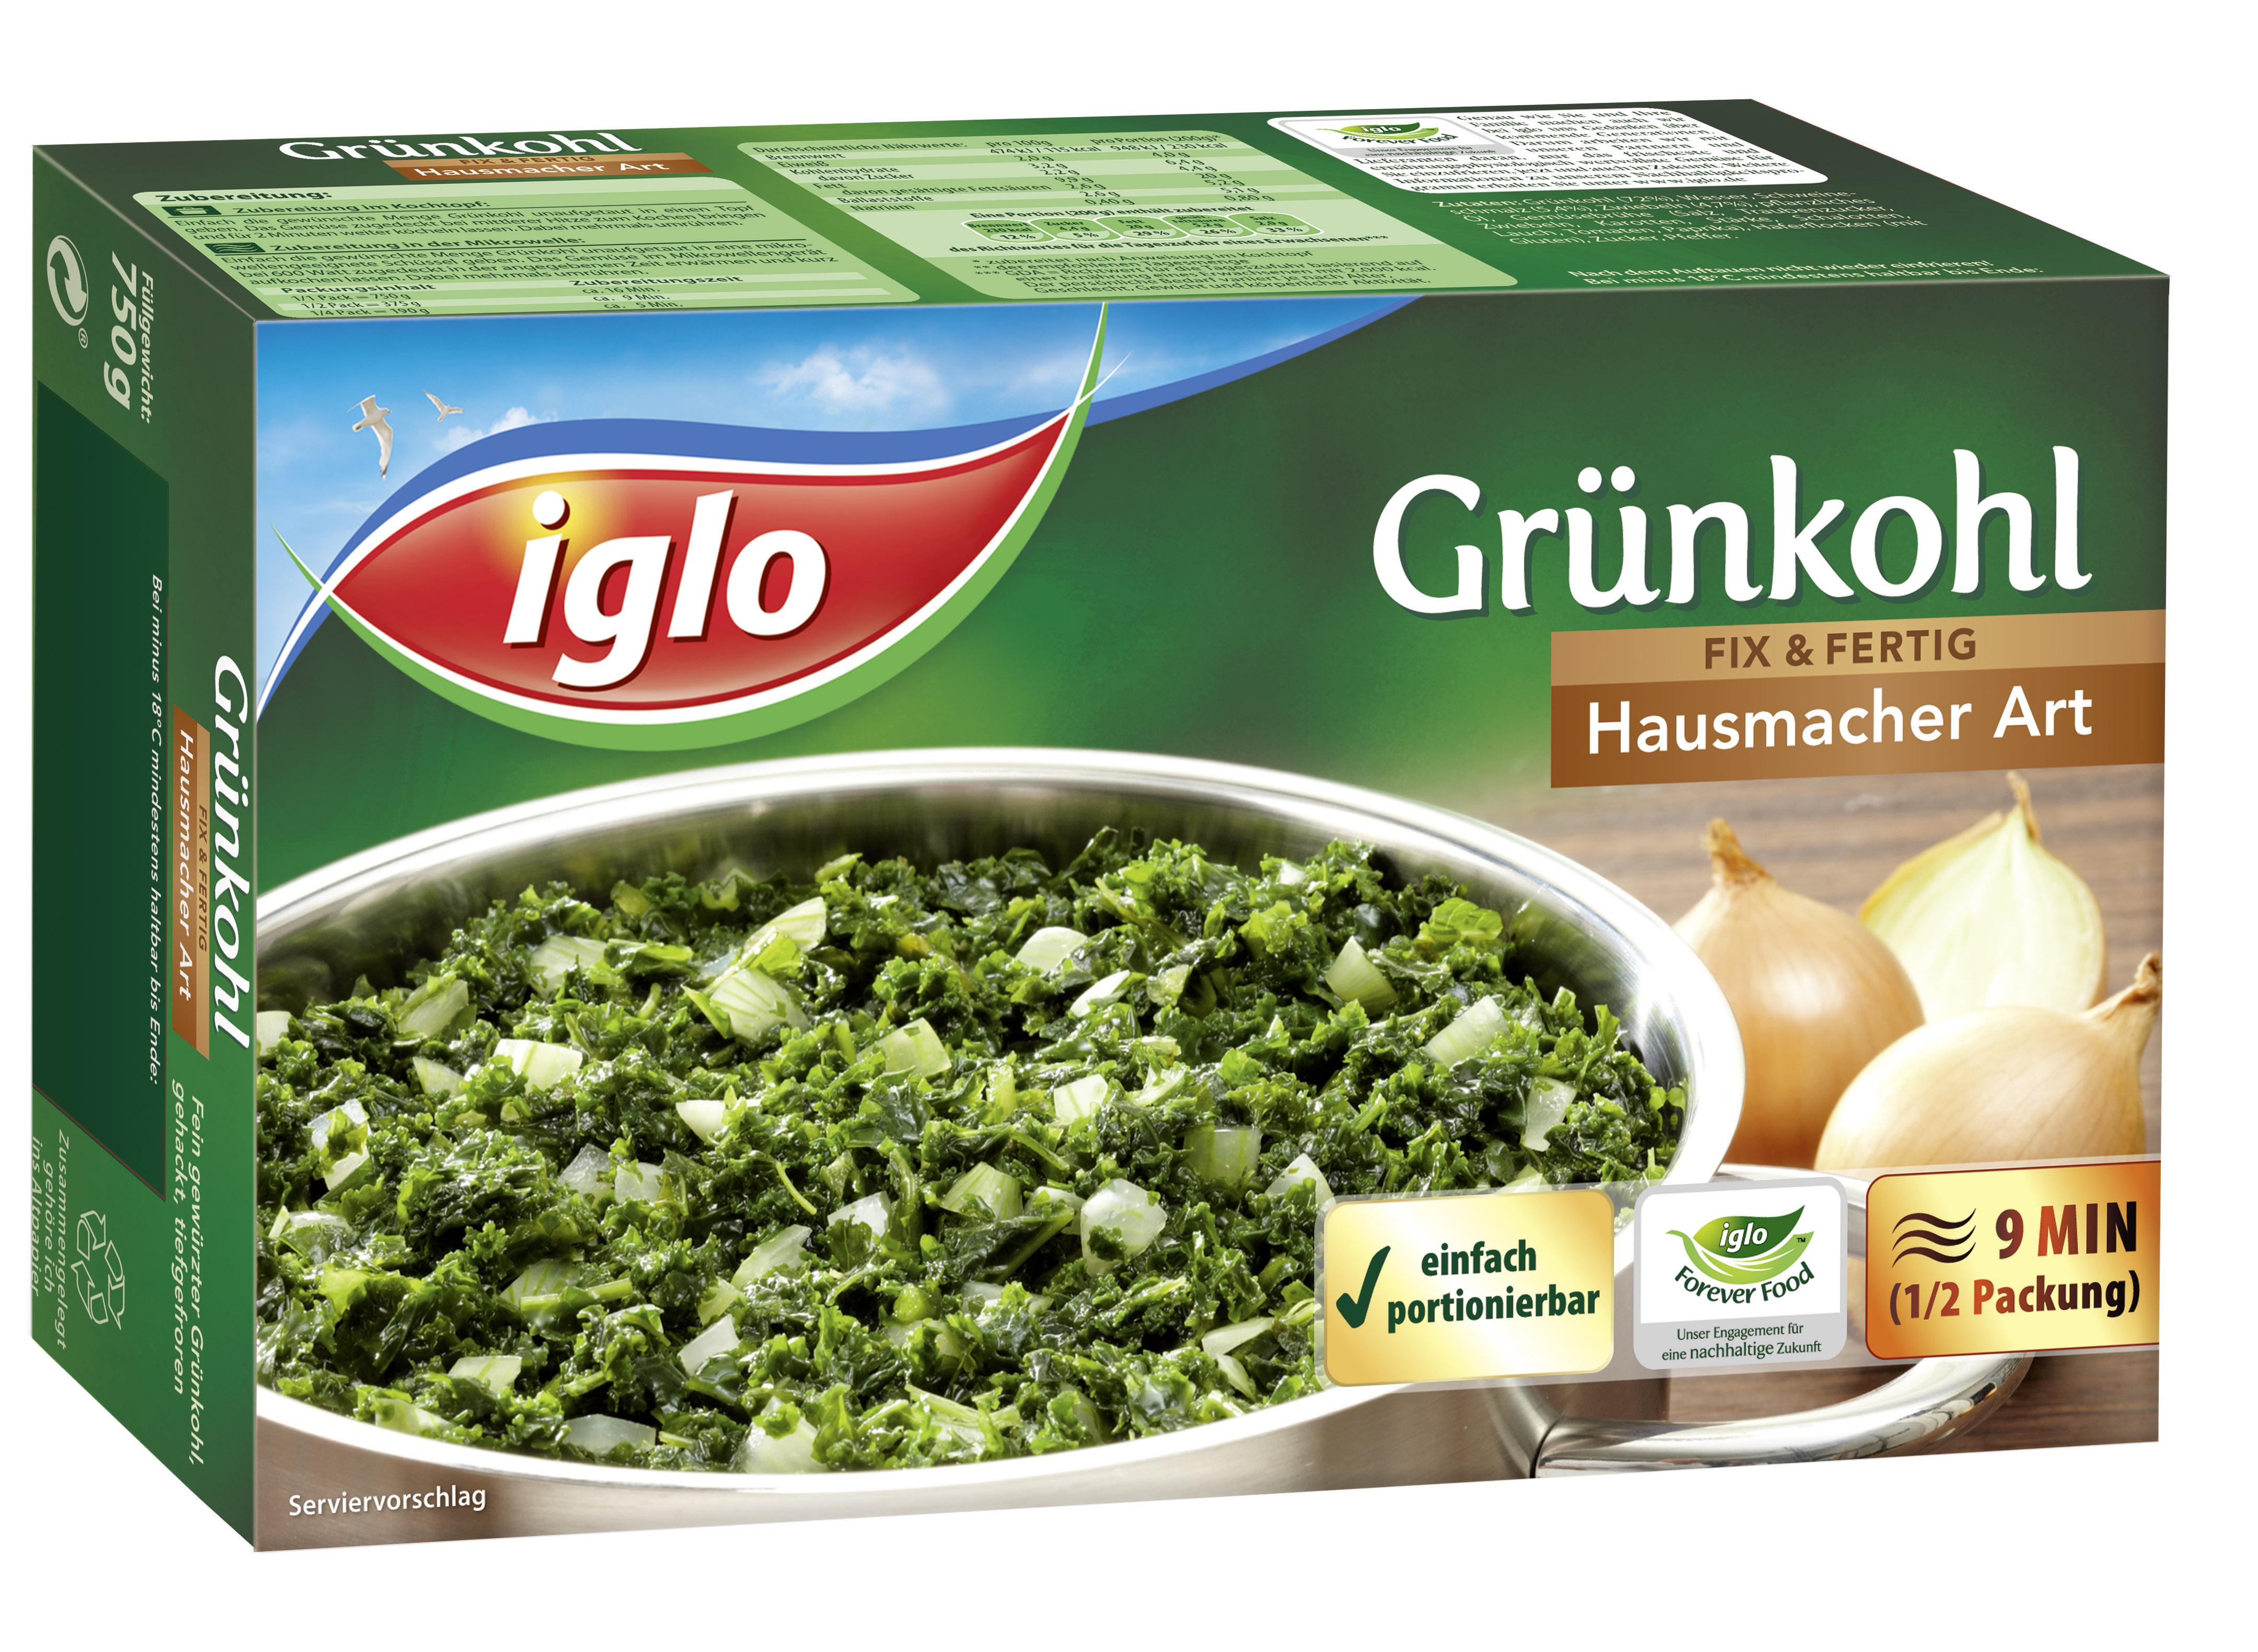 Grünkohl fix& fertig Hausmacher Art (750 Gramm) Iglo GmbH Salate und Gerichte auf Teigbasis